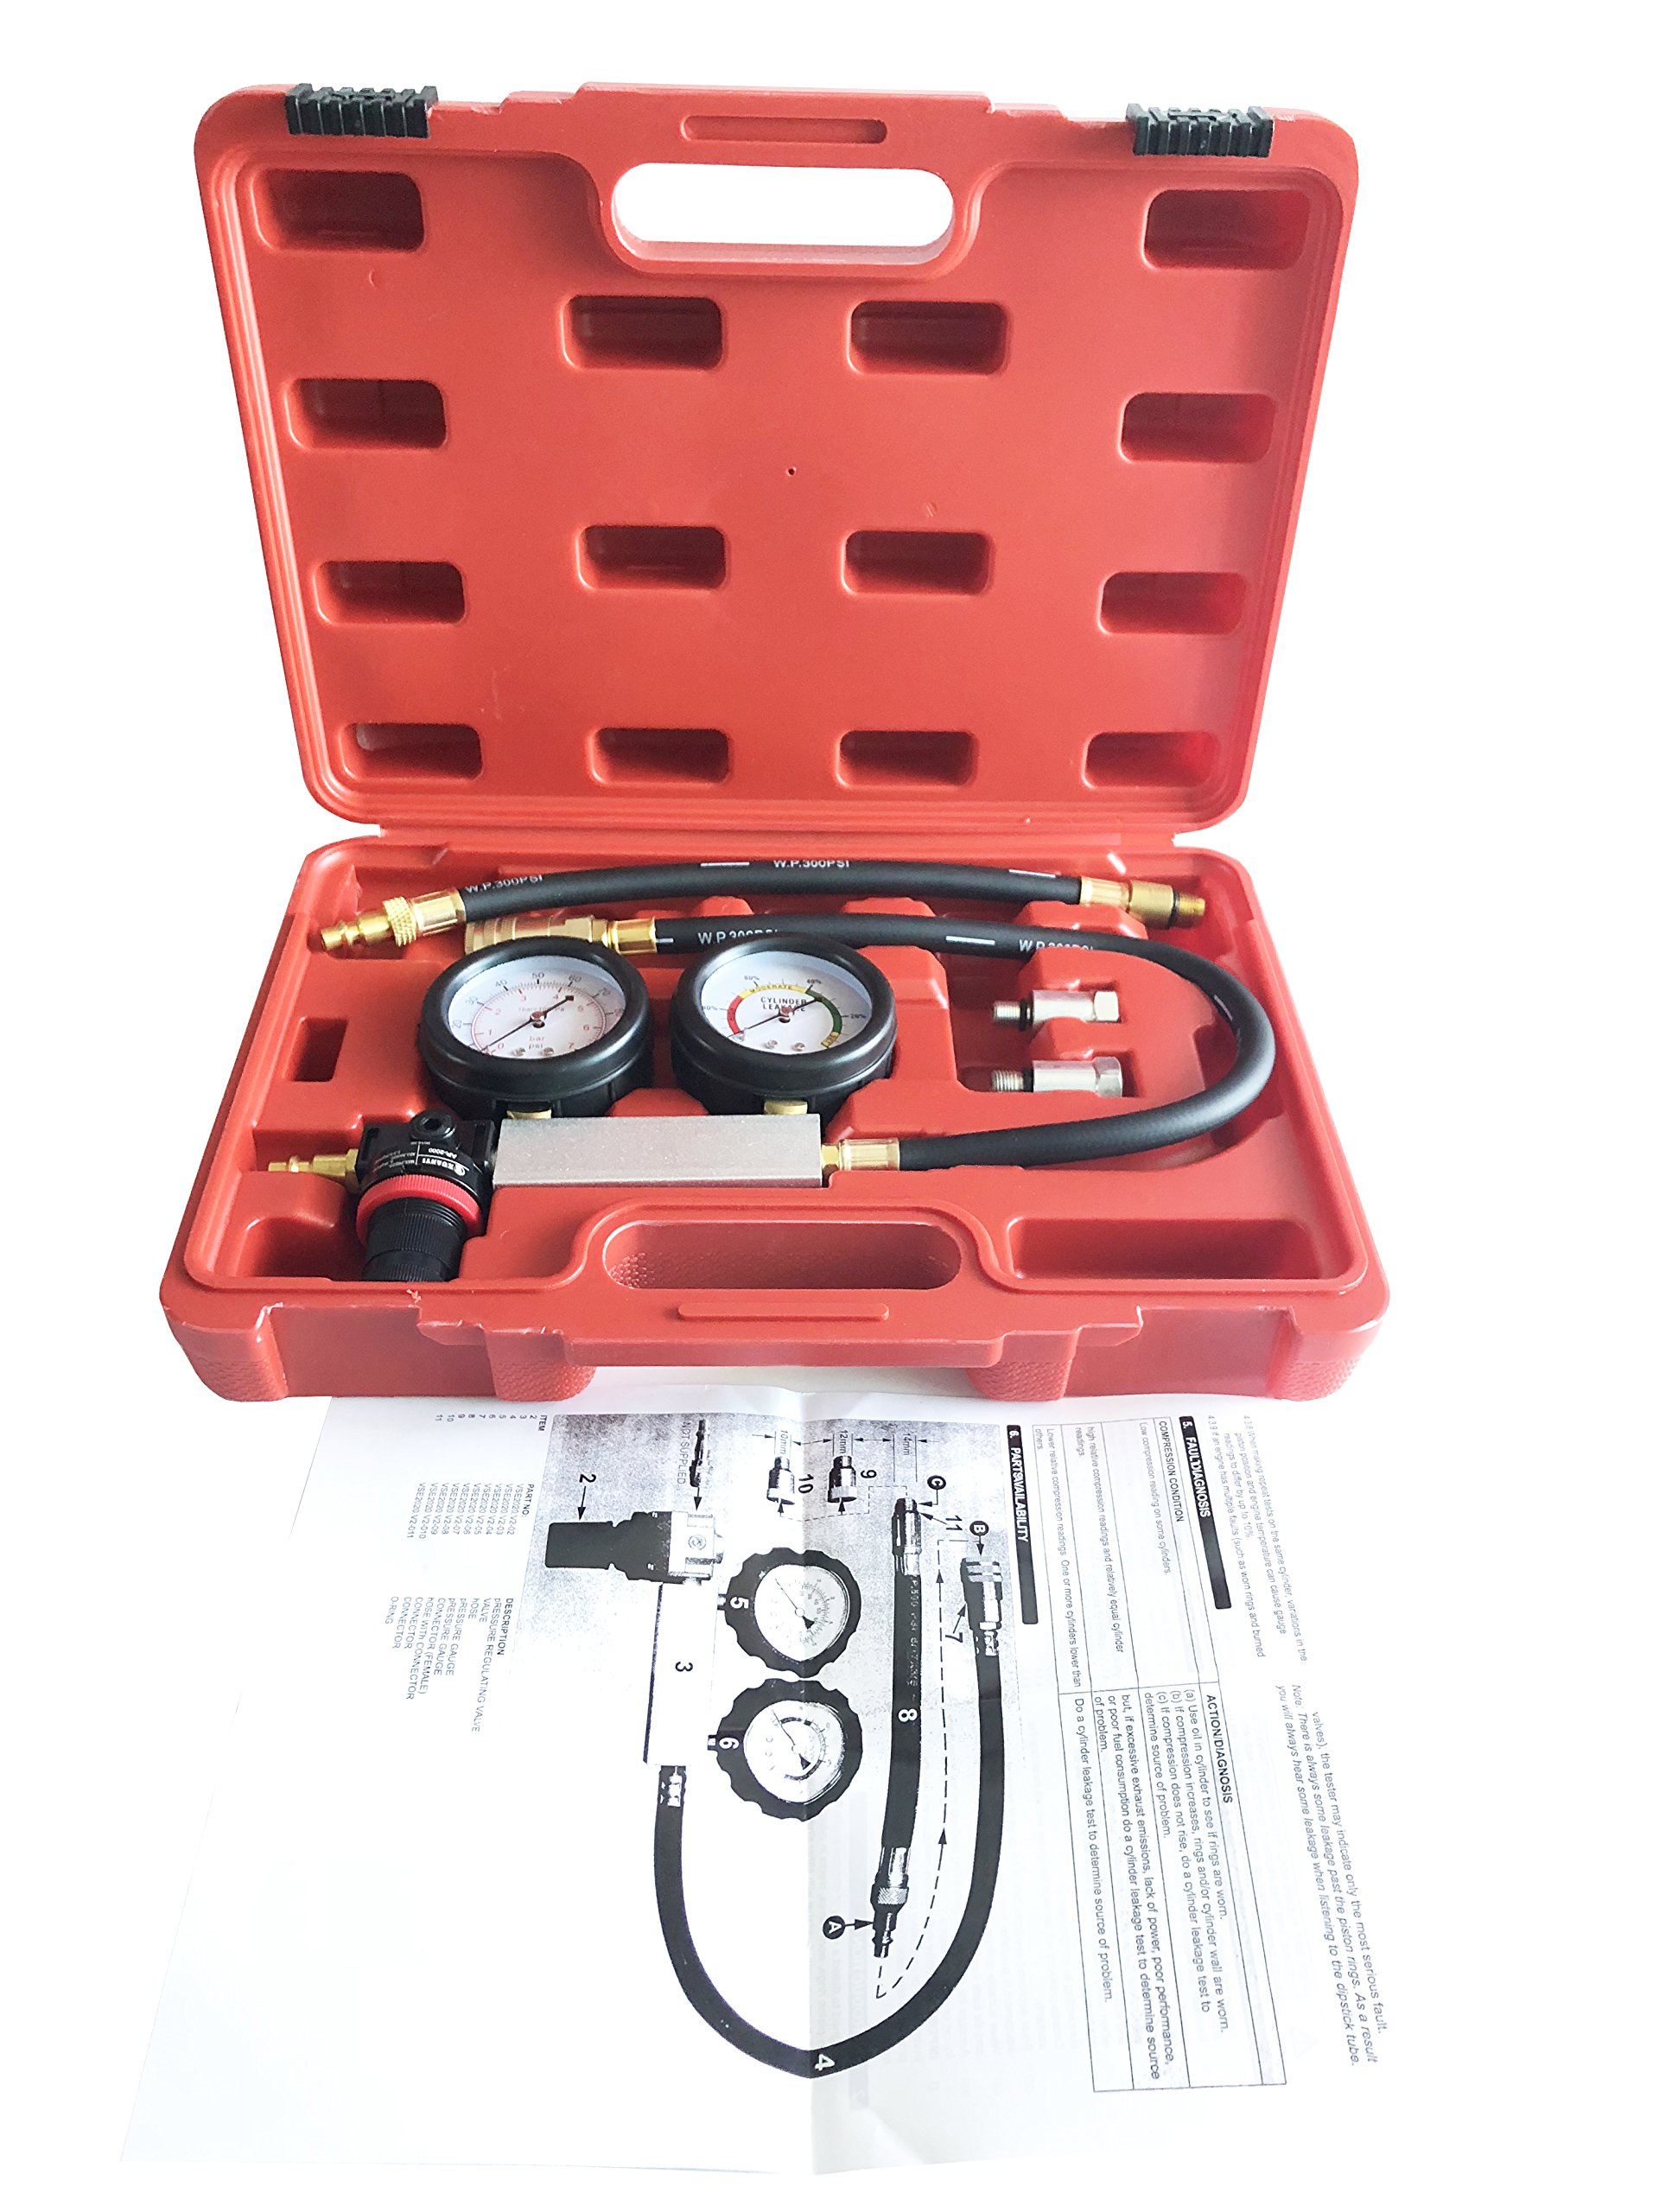 GooMeng4S New Generation Tu-21 Cylinder Leakage Leak Detector Engine Compression Tester Cylinder Pressure Detector Kit by GooMeng (Image #5)